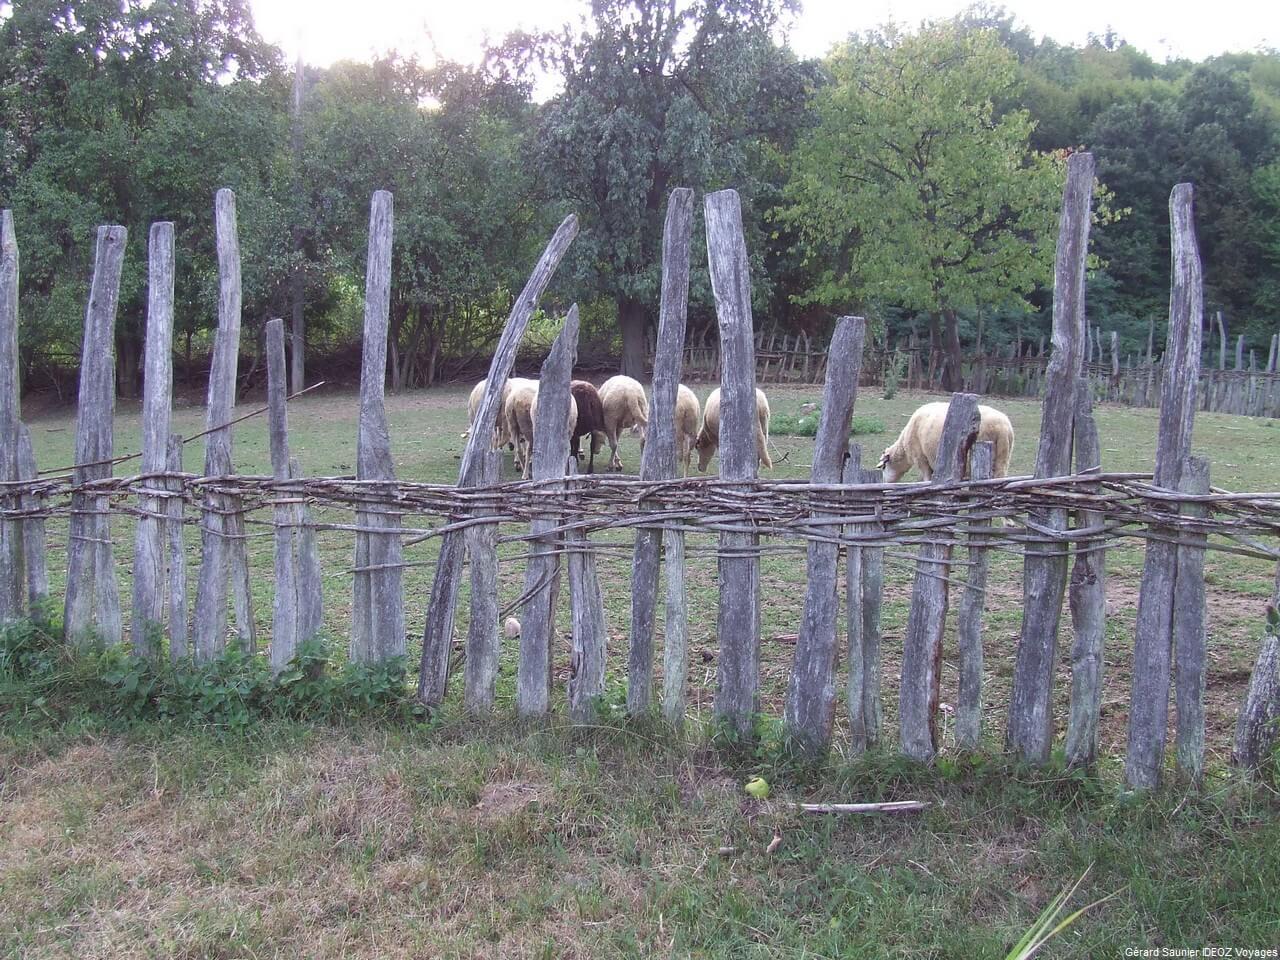 Rencontre inoubliable à Arilje en Serbie centrale : merveilleux souvenir 19